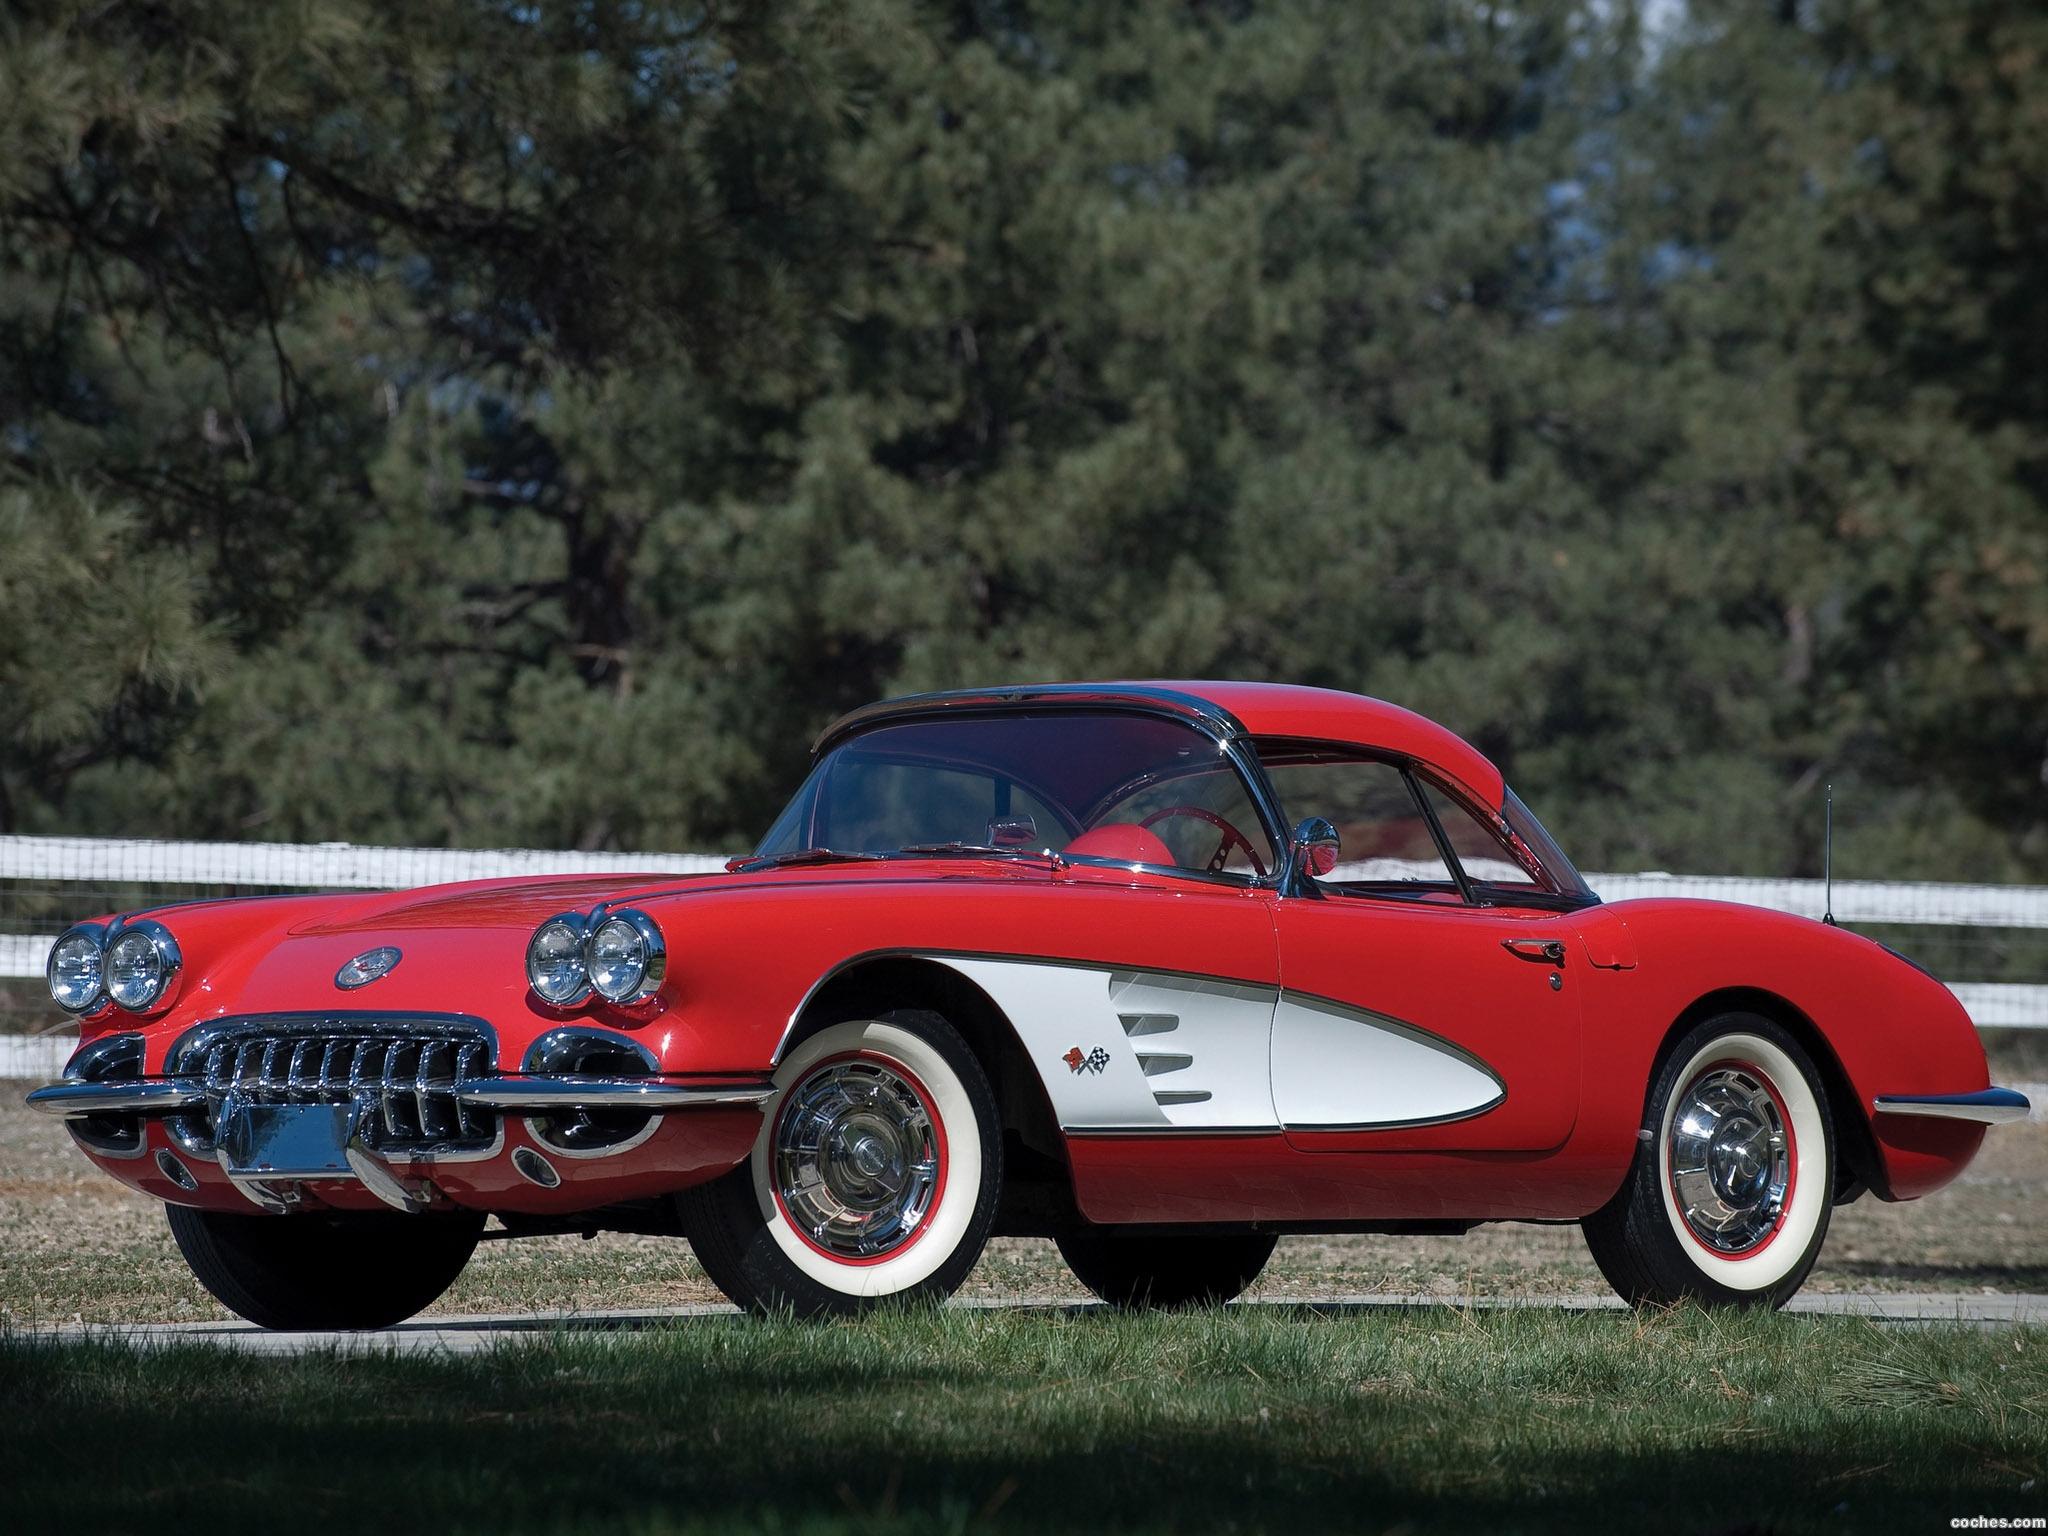 Foto 0 de Chevrolet Corvette C1 1959